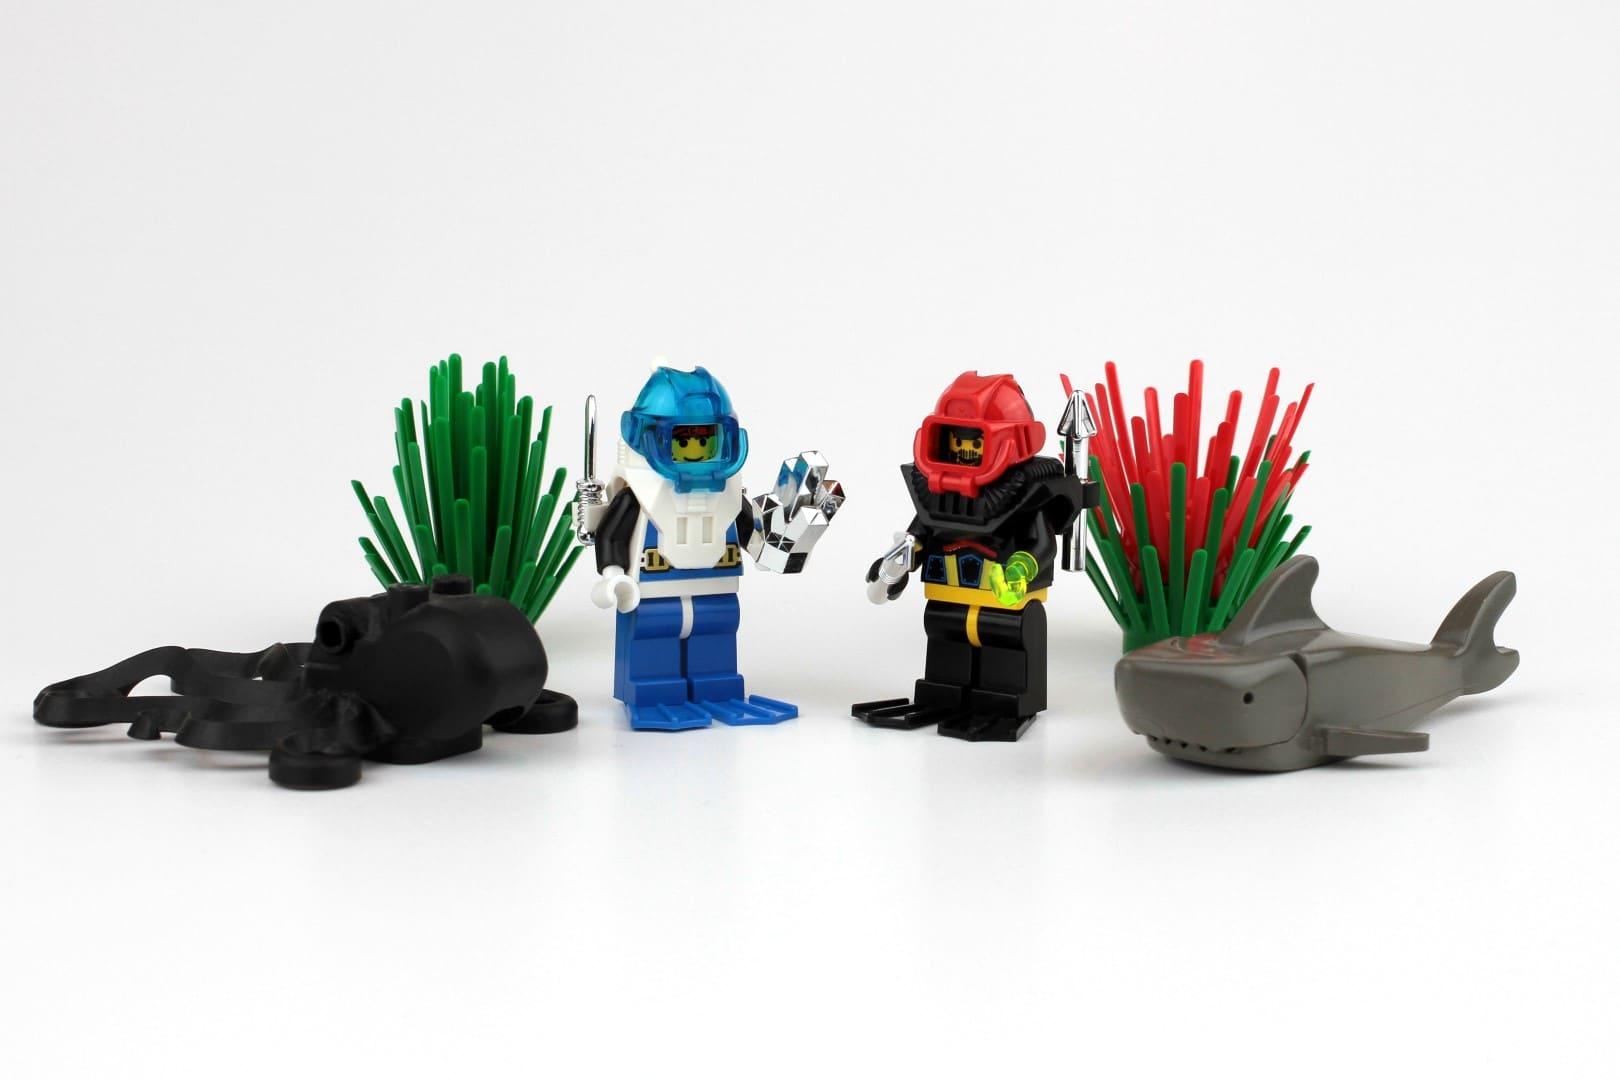 Das Set 6104: Mit zwei Minifiguren, Hai, Oktopus und Pflanzen das perfekte Booster Pack